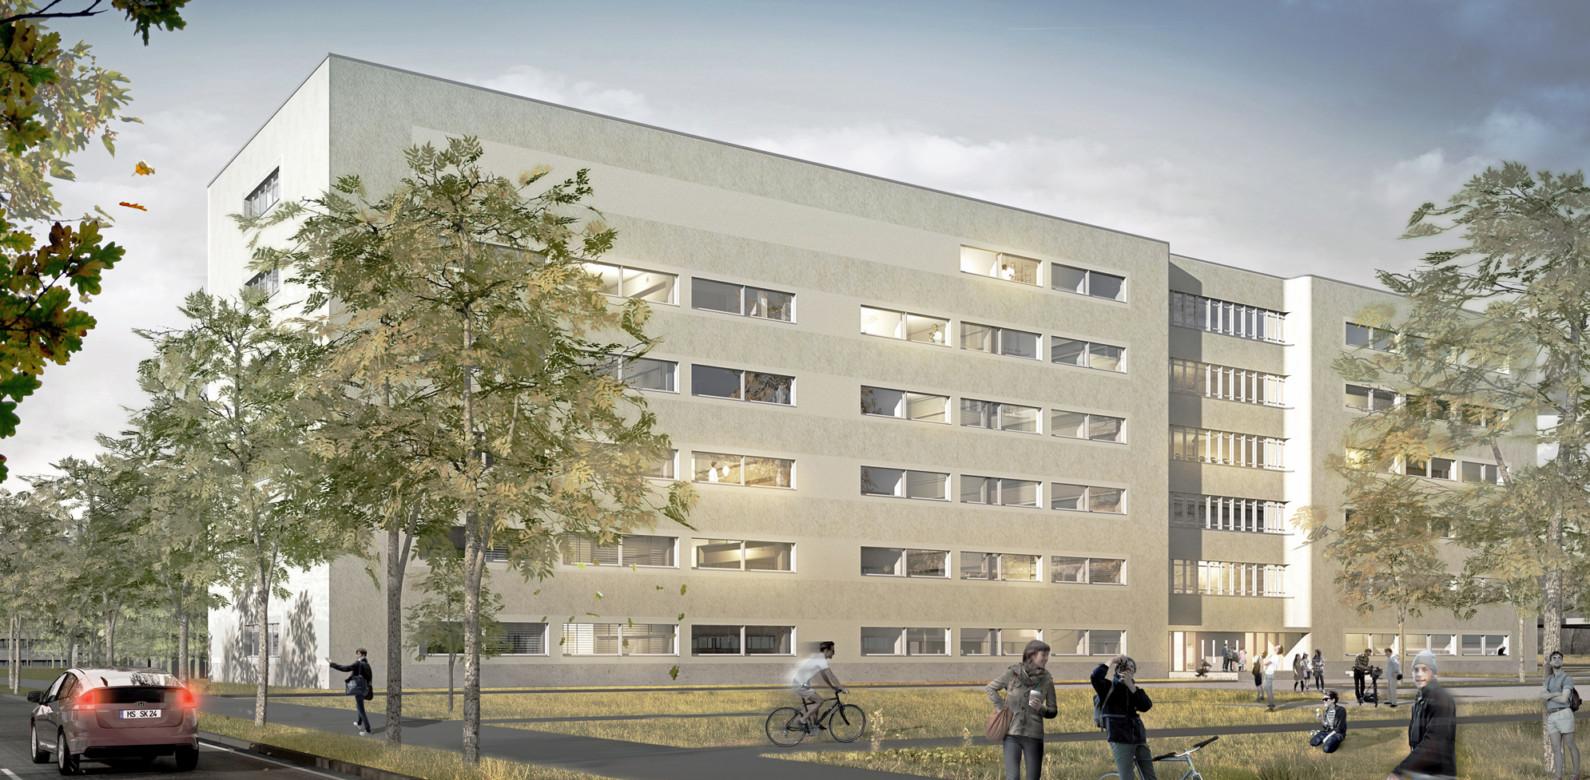 Organische und Biochemie Institute Münster